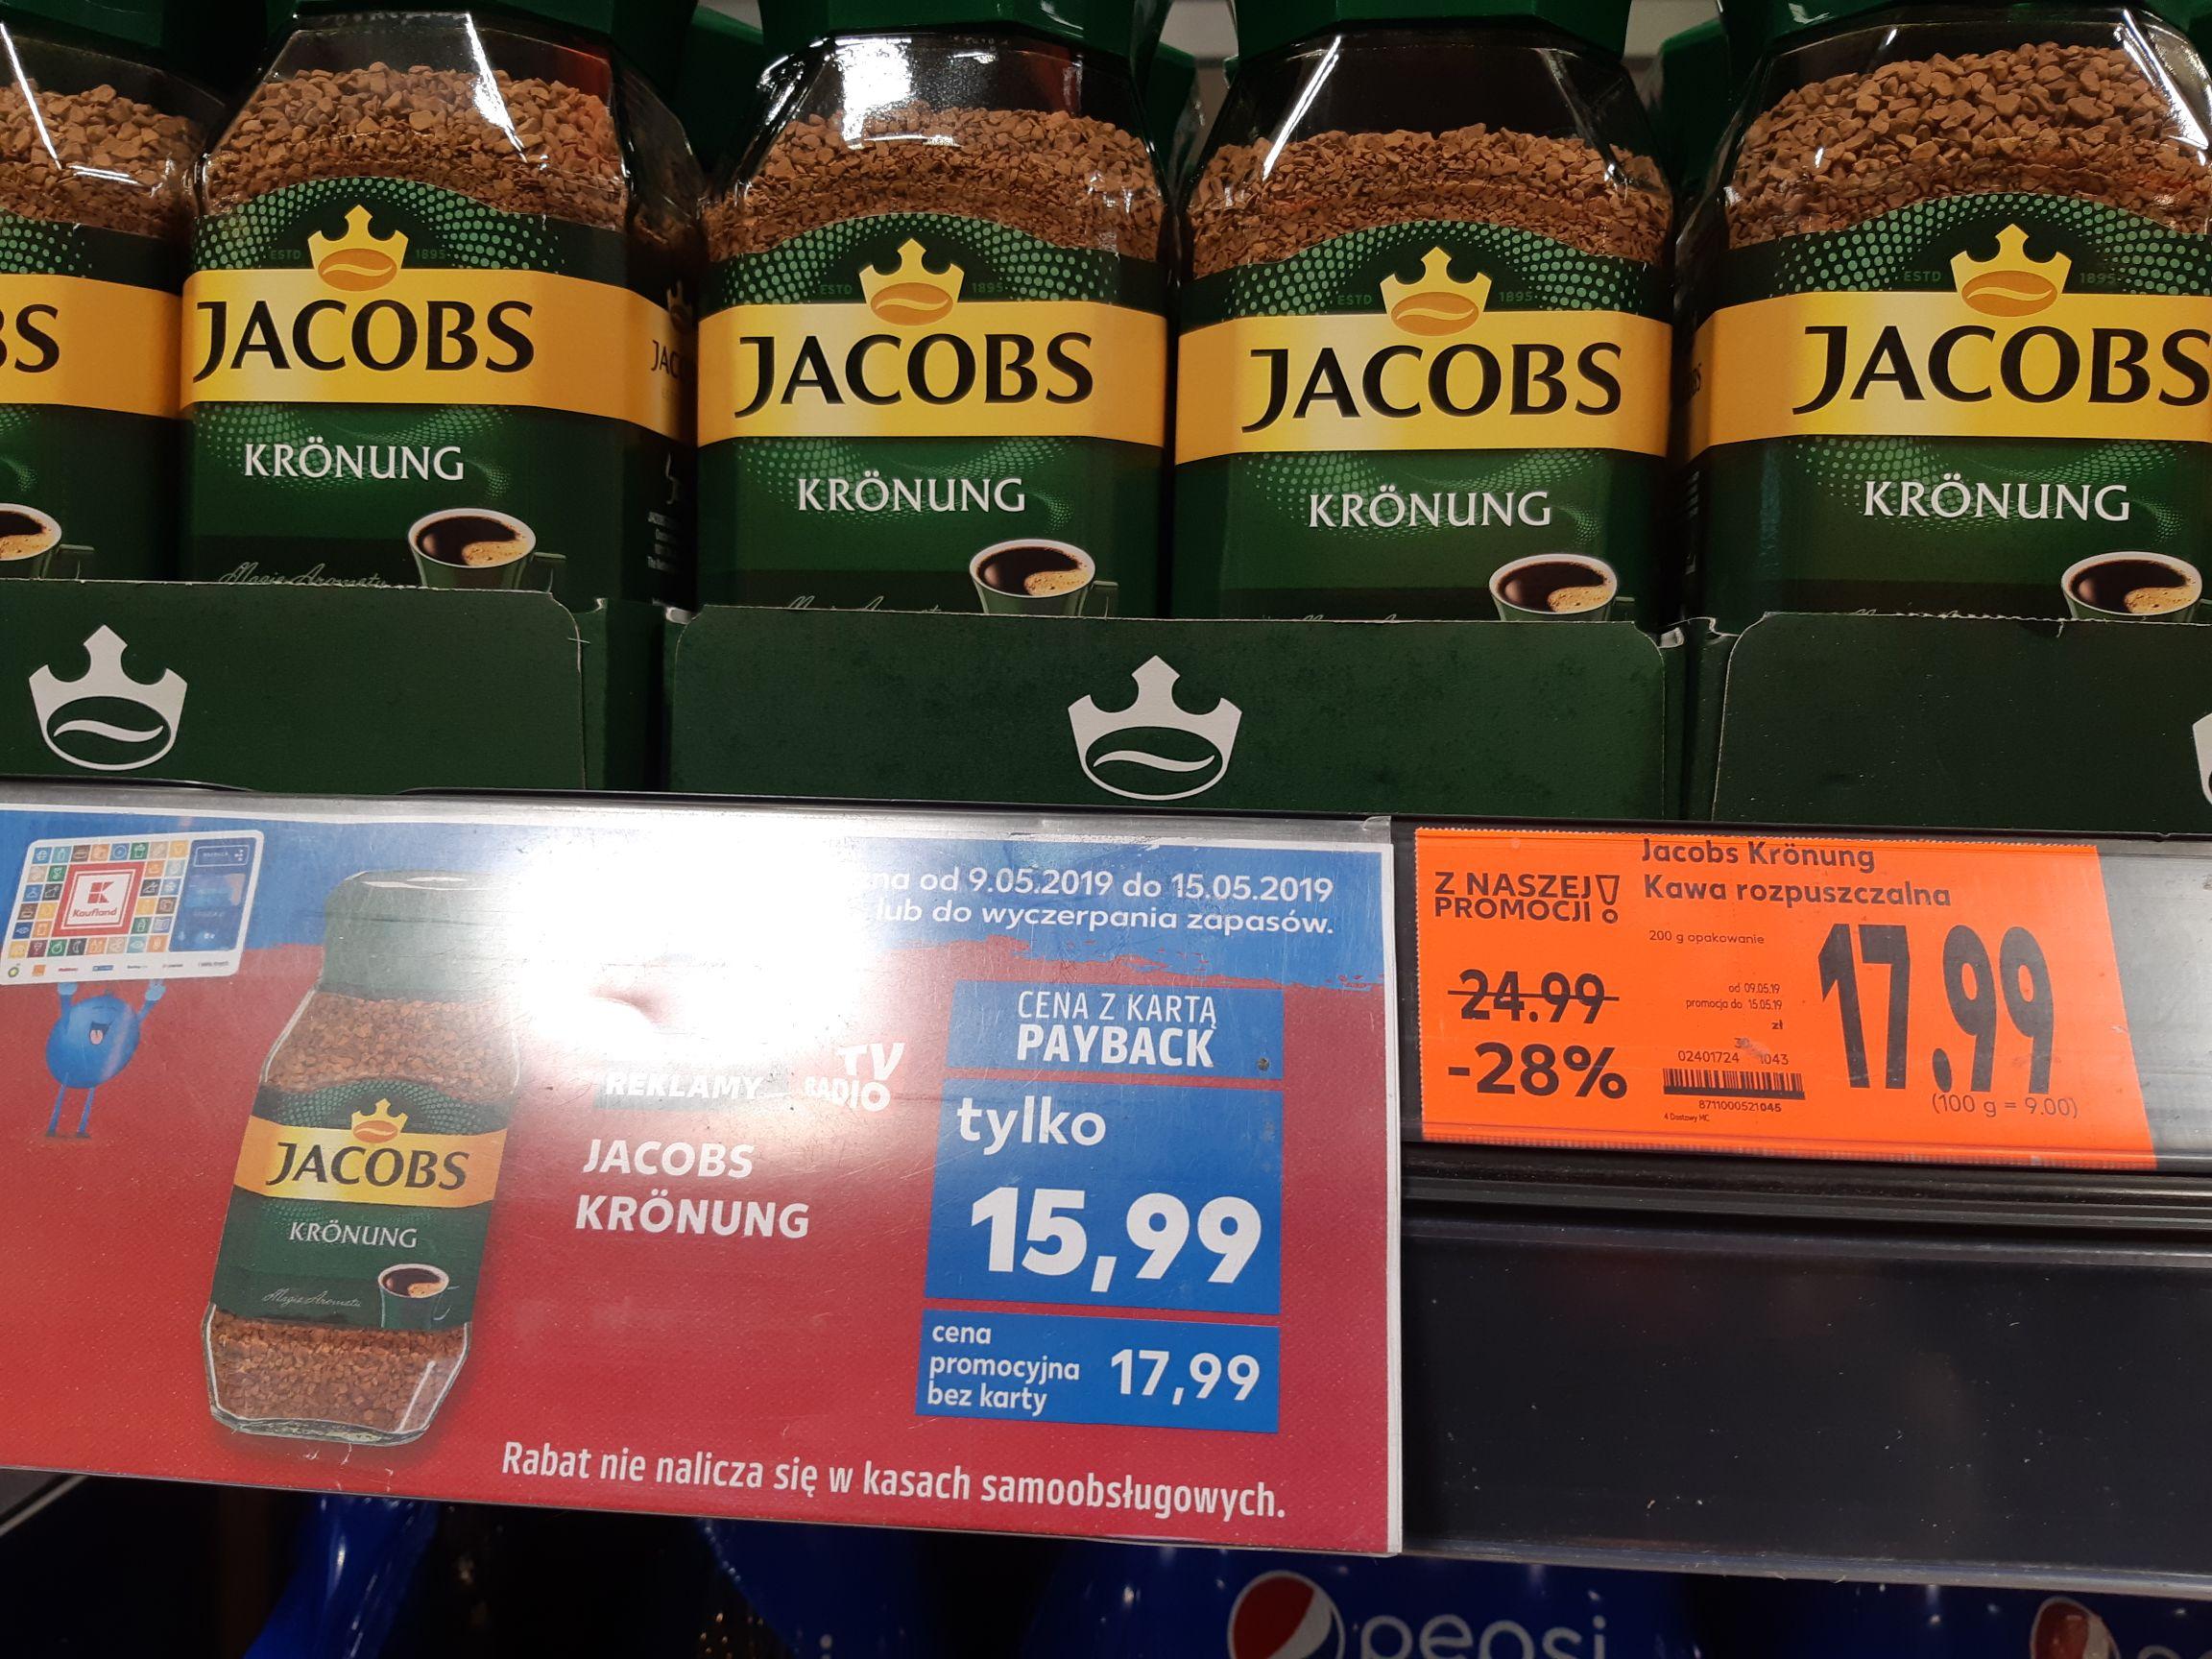 Kawa Jacobs Krönung z 15,99 z kartą PAYBACK w Kaufland